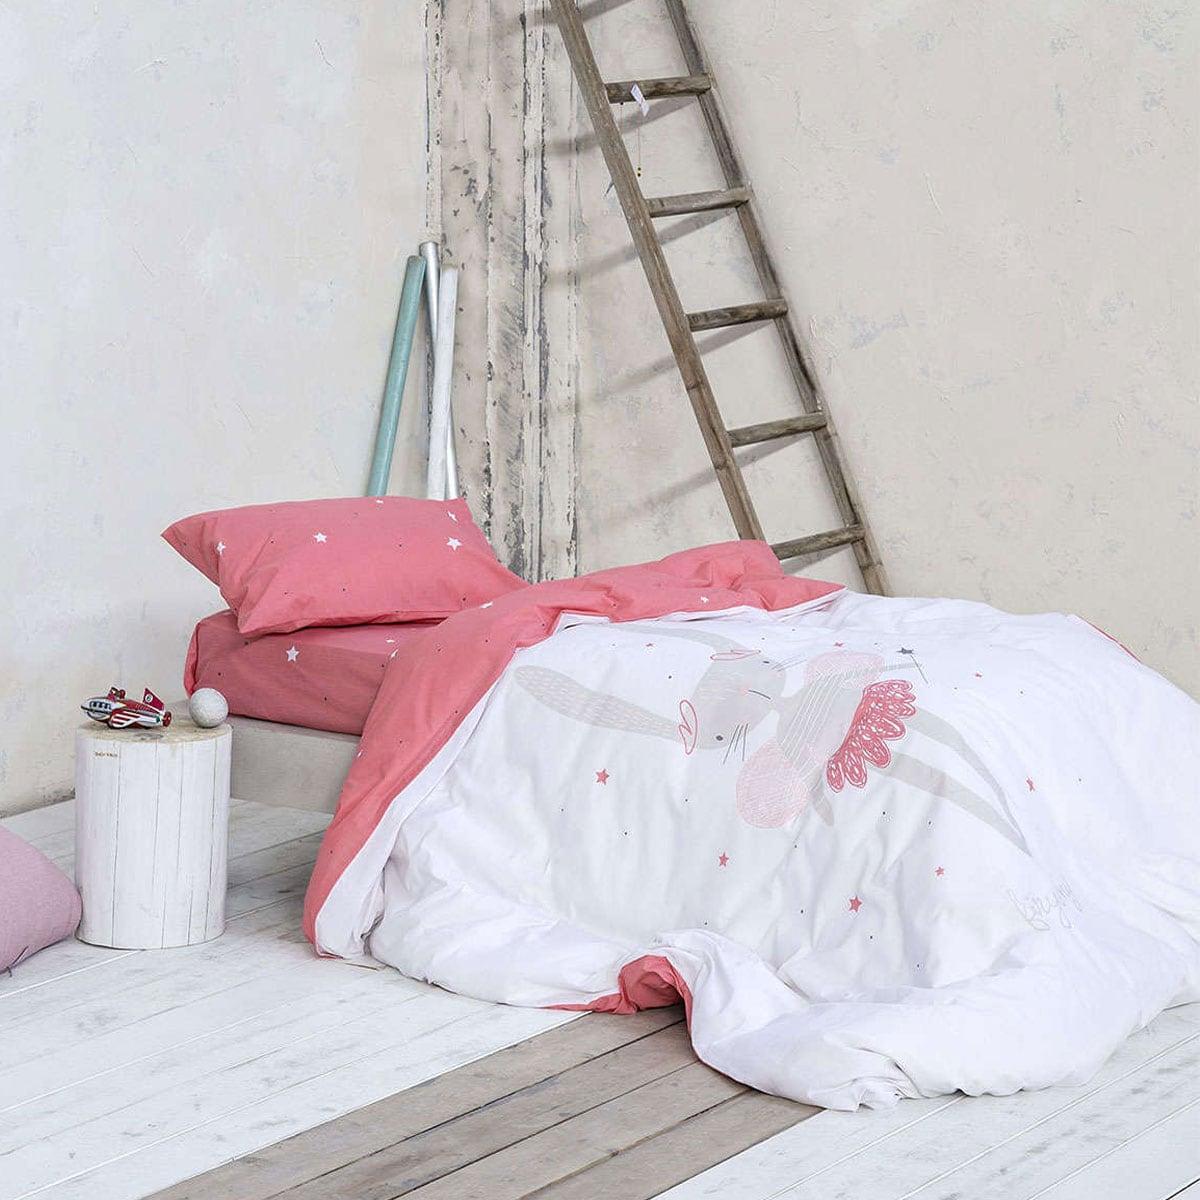 Σεντόνια Παιδικά Σετ 3τμχ Fairy Bunny White-Pink Nima Μονό 170x255cm